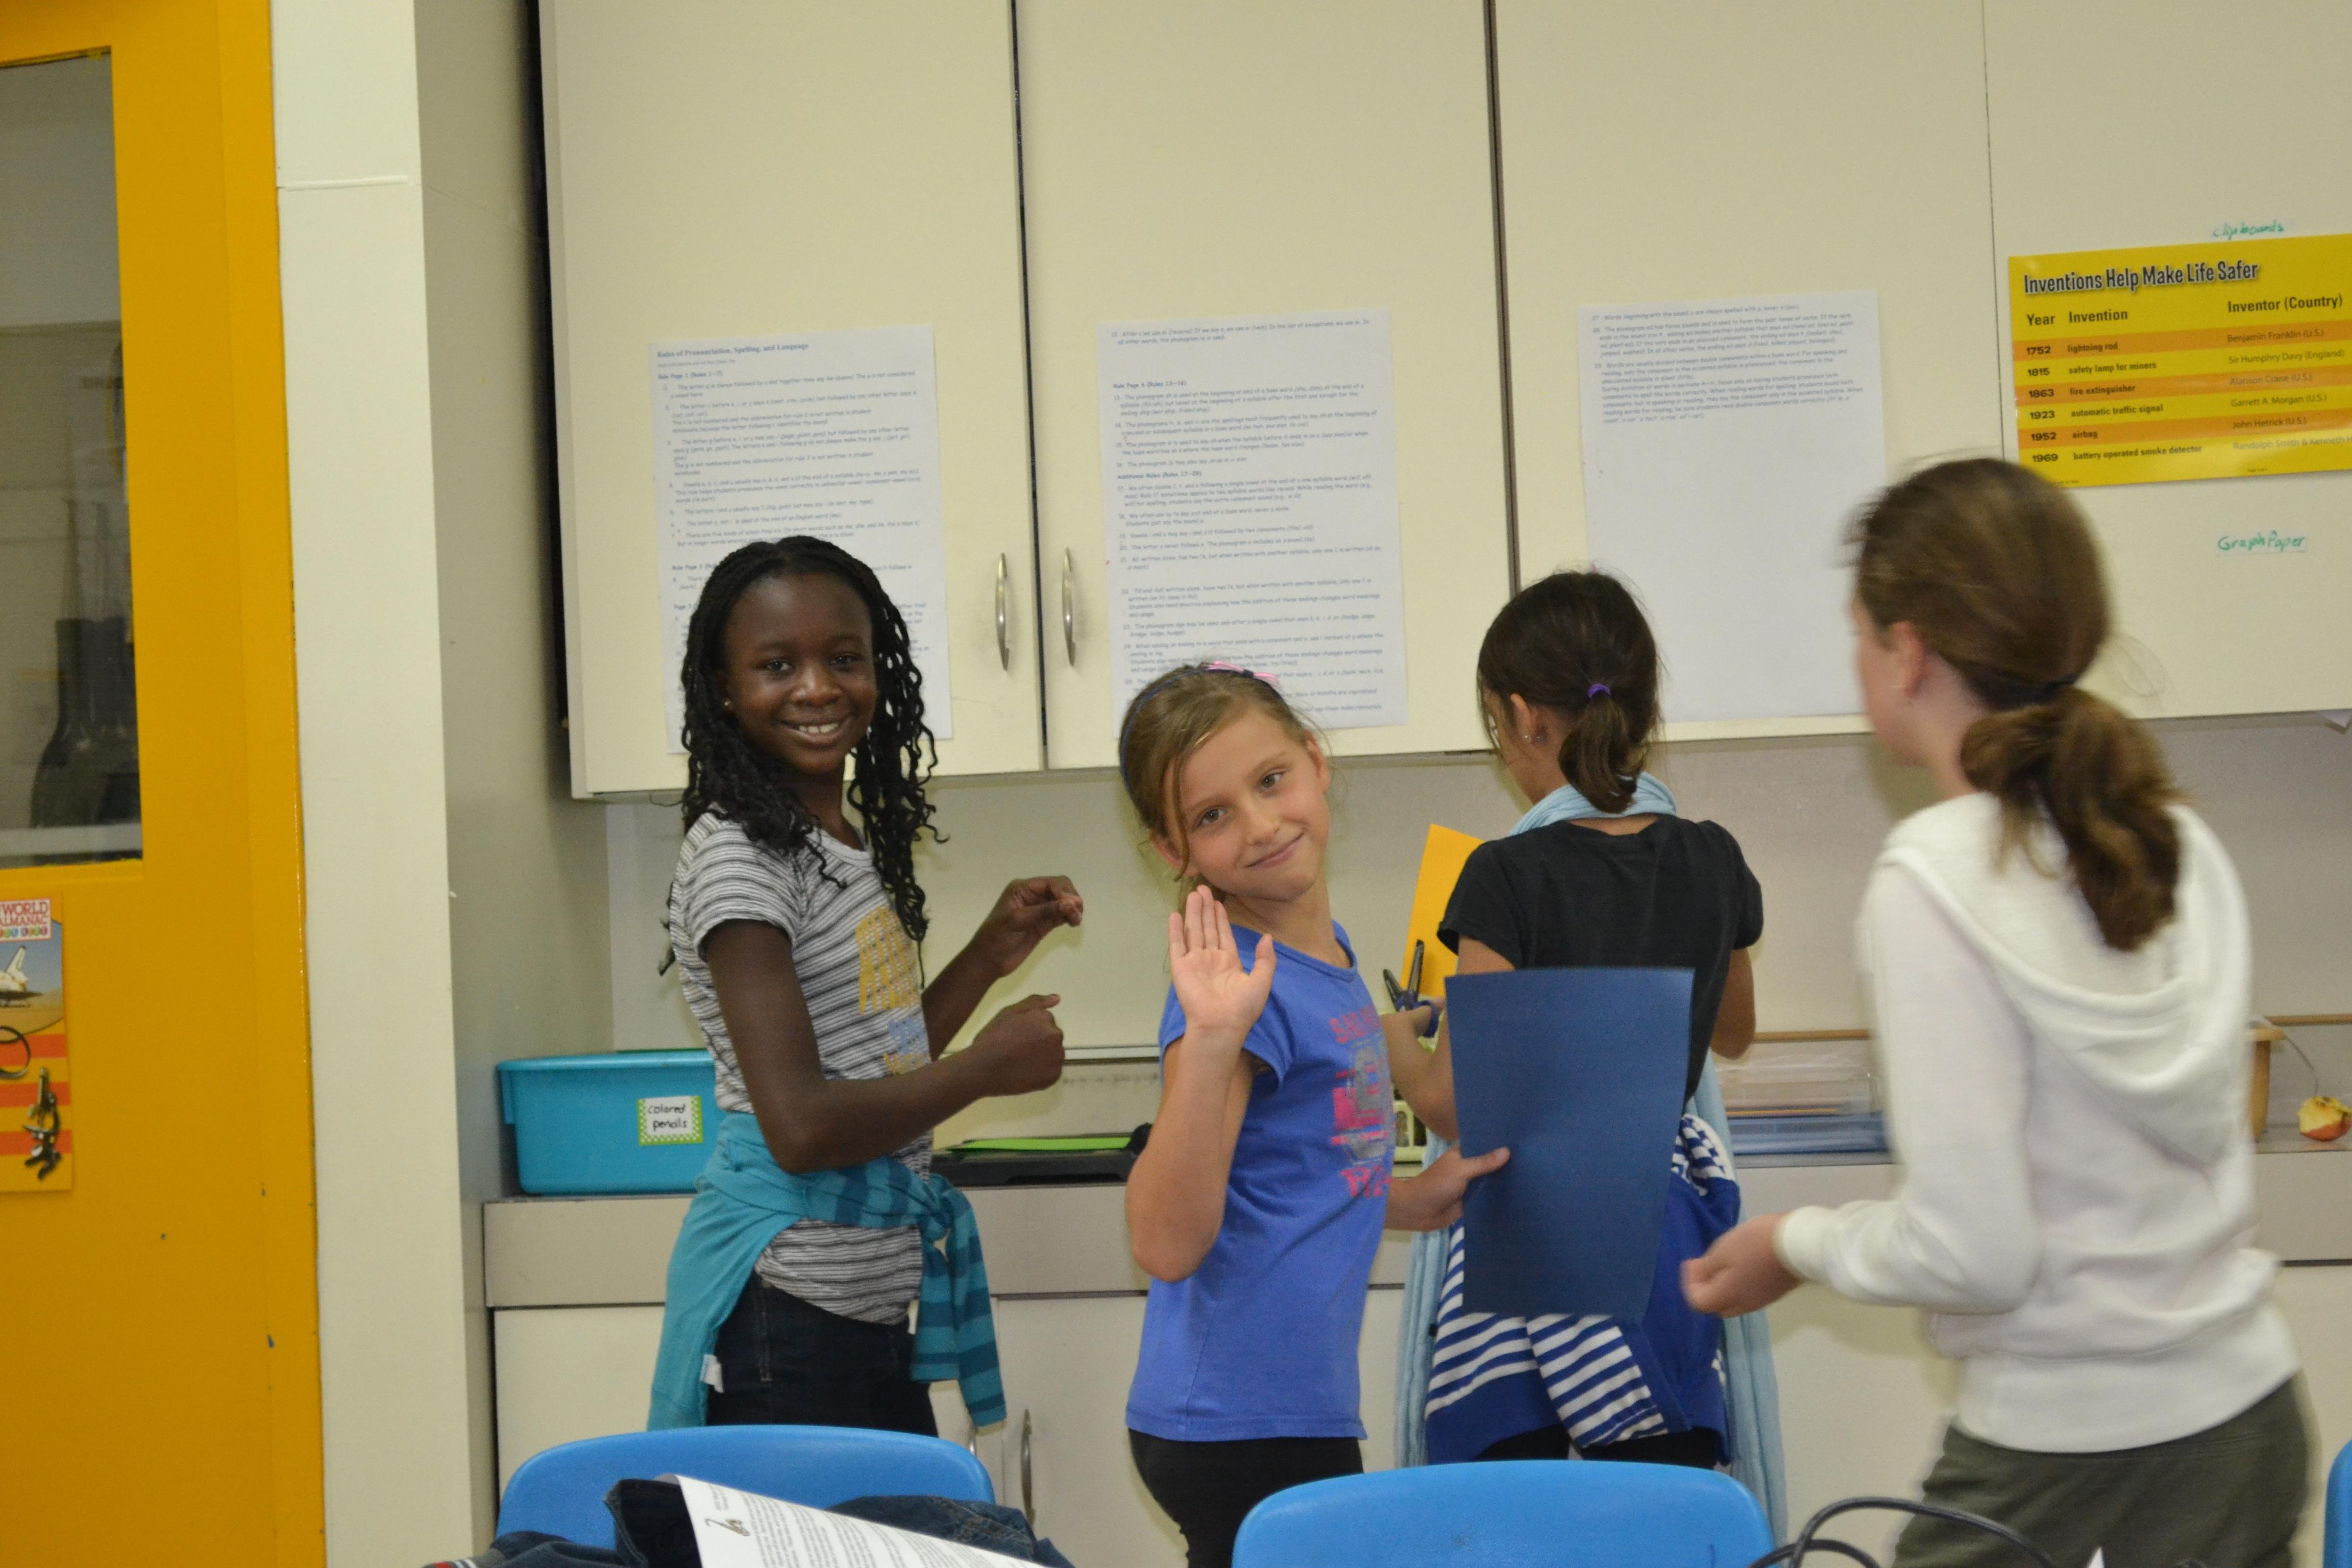 Banco De Imagens Grupo Juventude Juntos Educa O Sala De Aula  -> Imagens De Sala De Aula